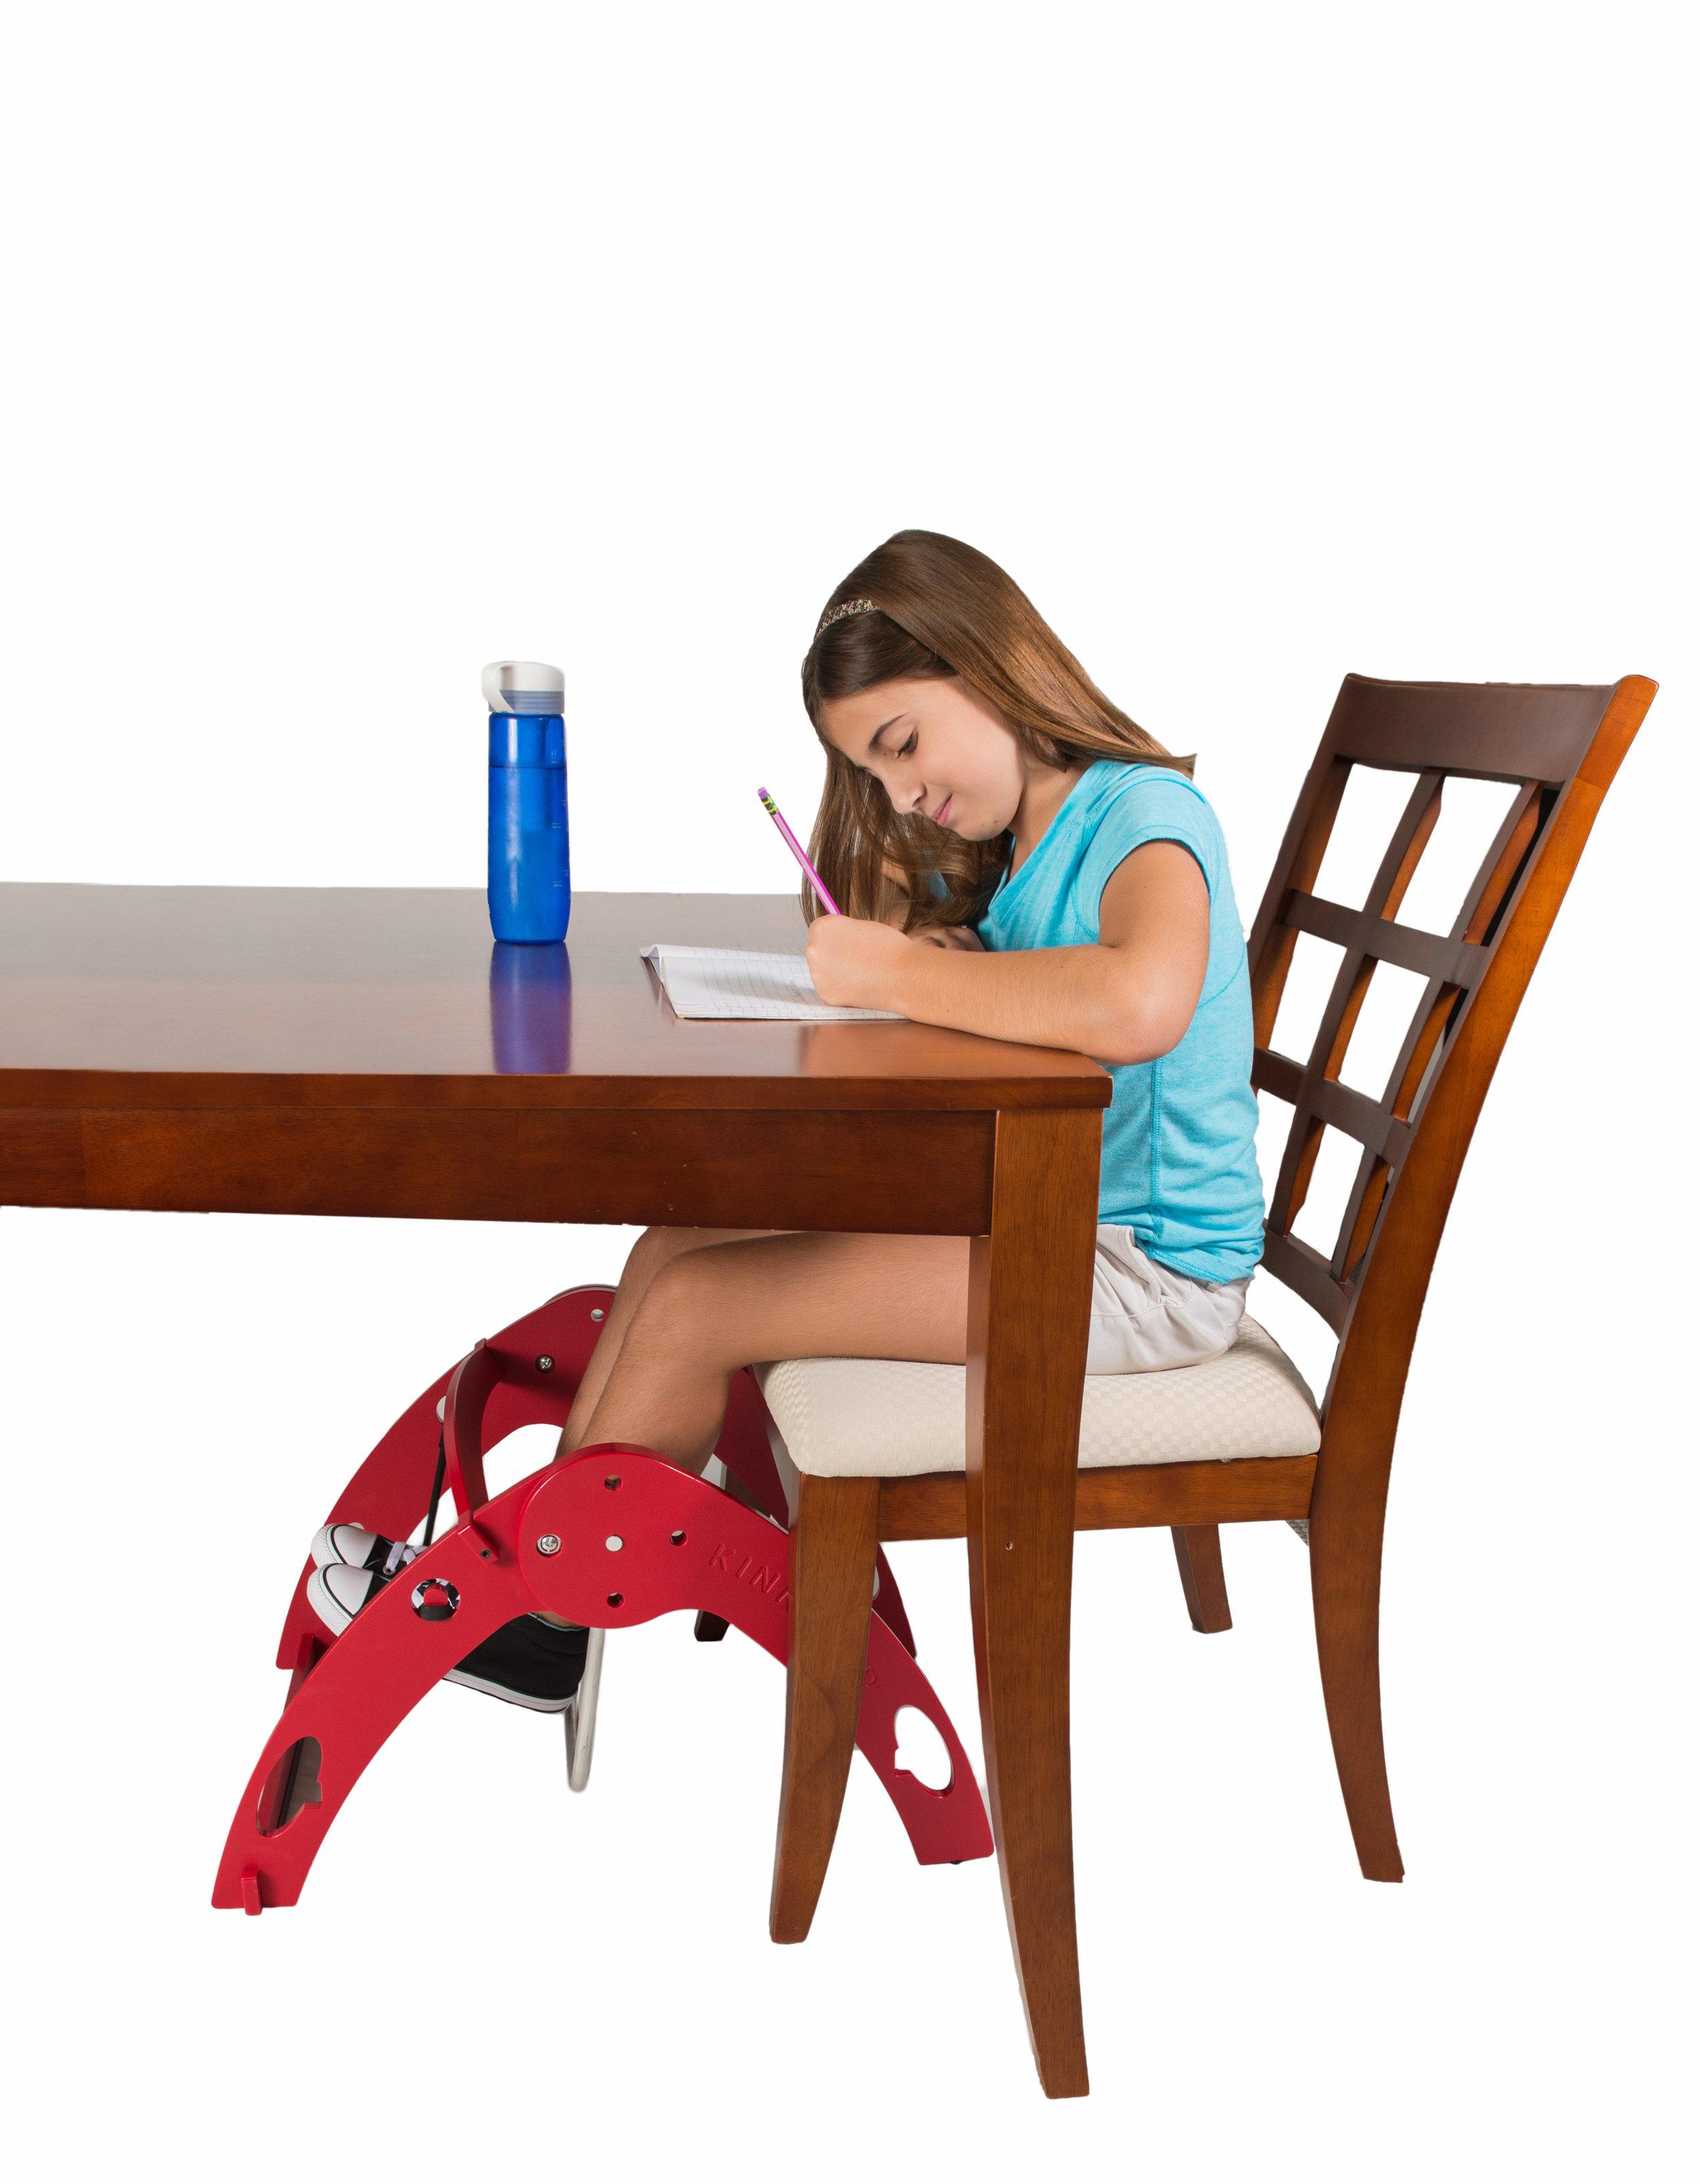 Kinnebar-use-at-home-desk-swing.jpg